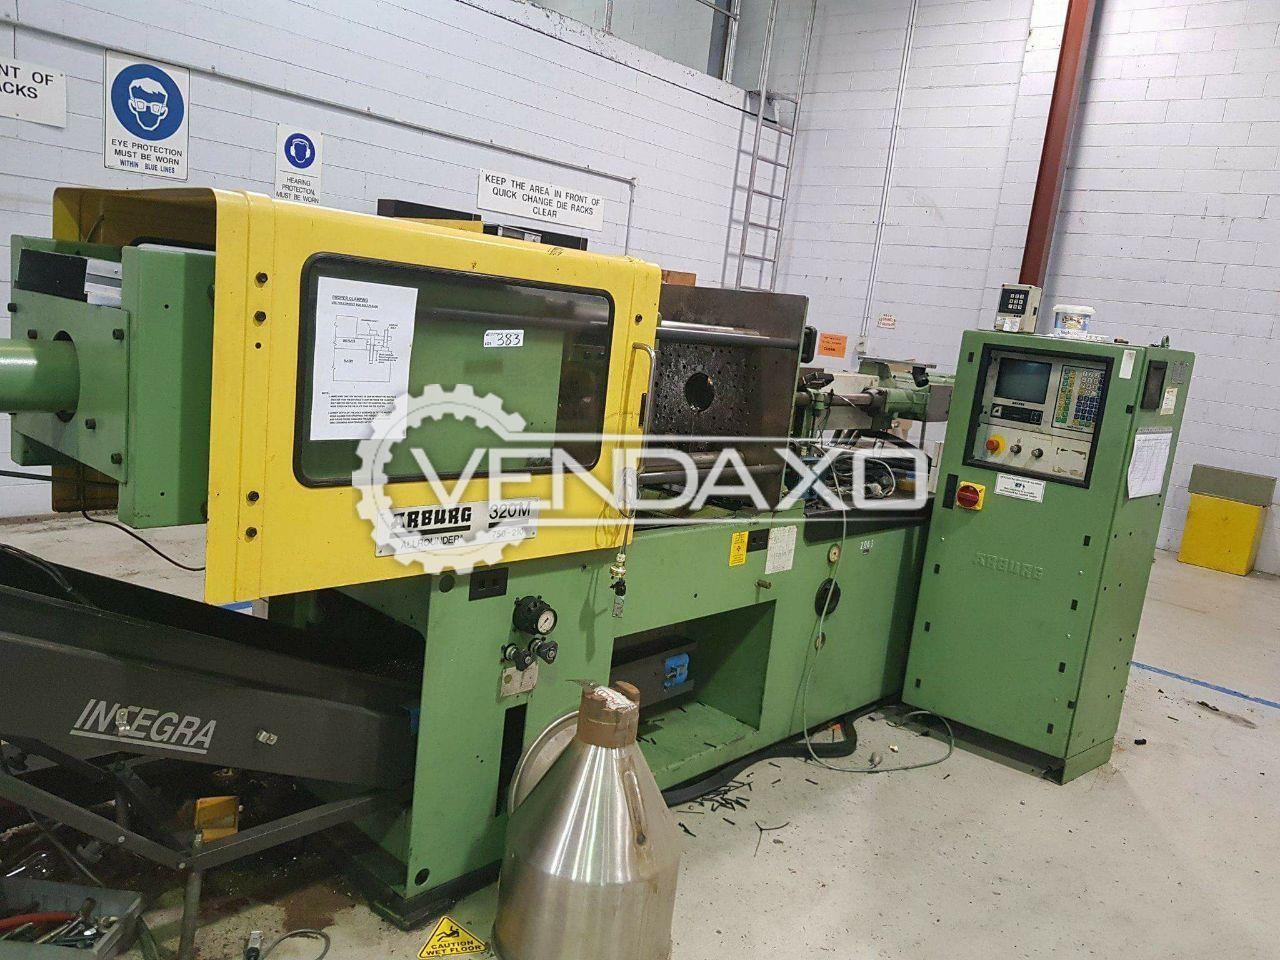 Arburg 320M Injection Moulding Machine - 75 Ton